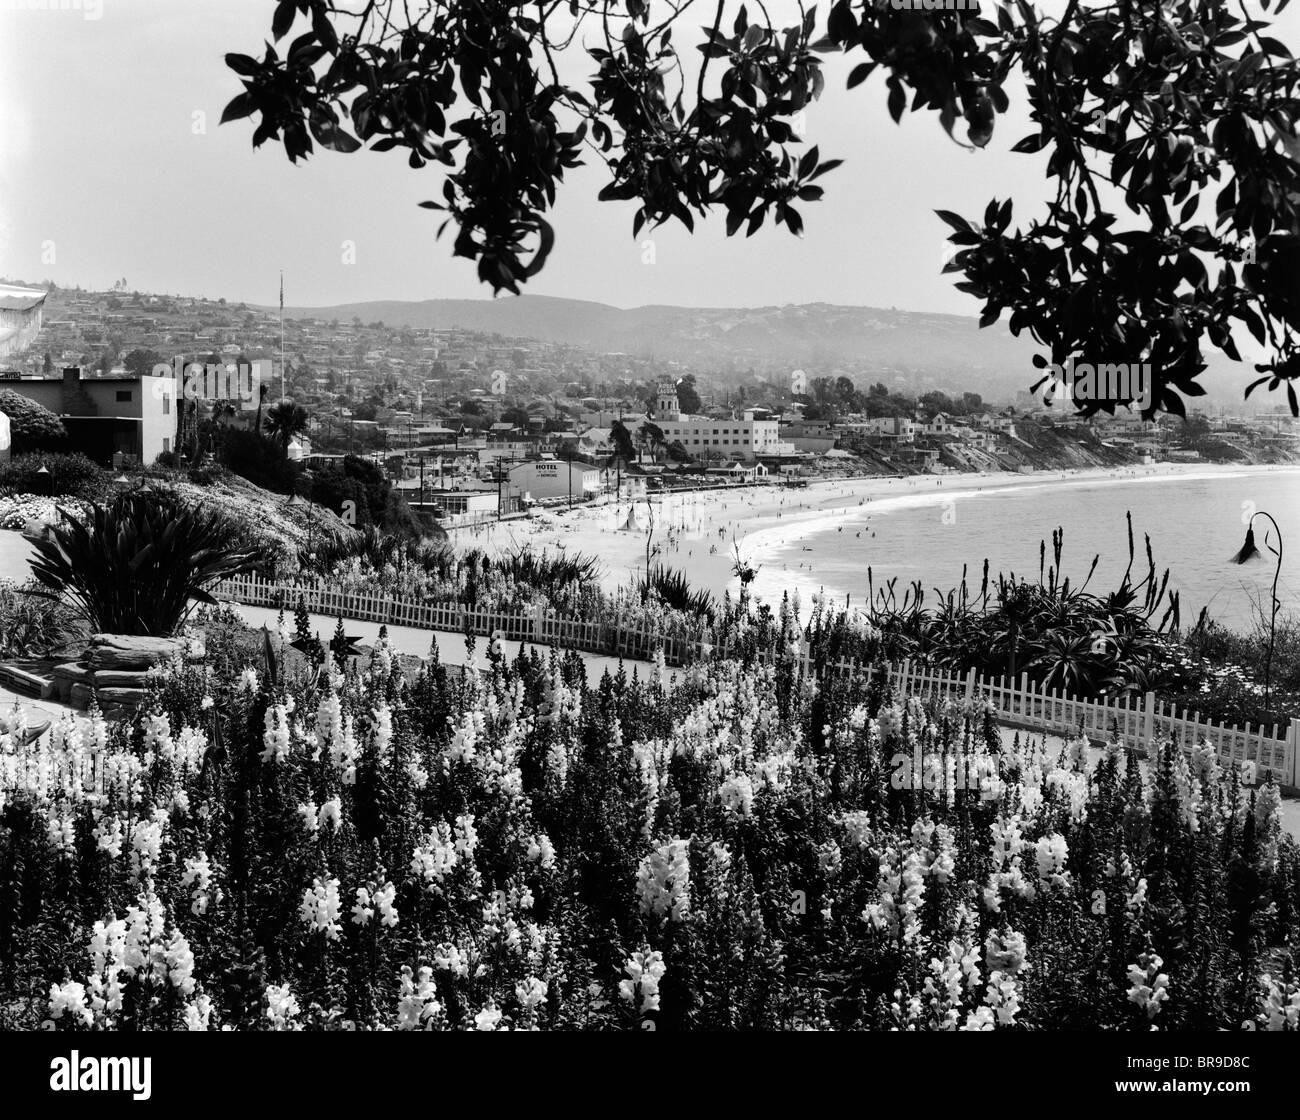 1930s 1940s SCENIC LAGUNA BEACH CALIFORNIA Stock Photo